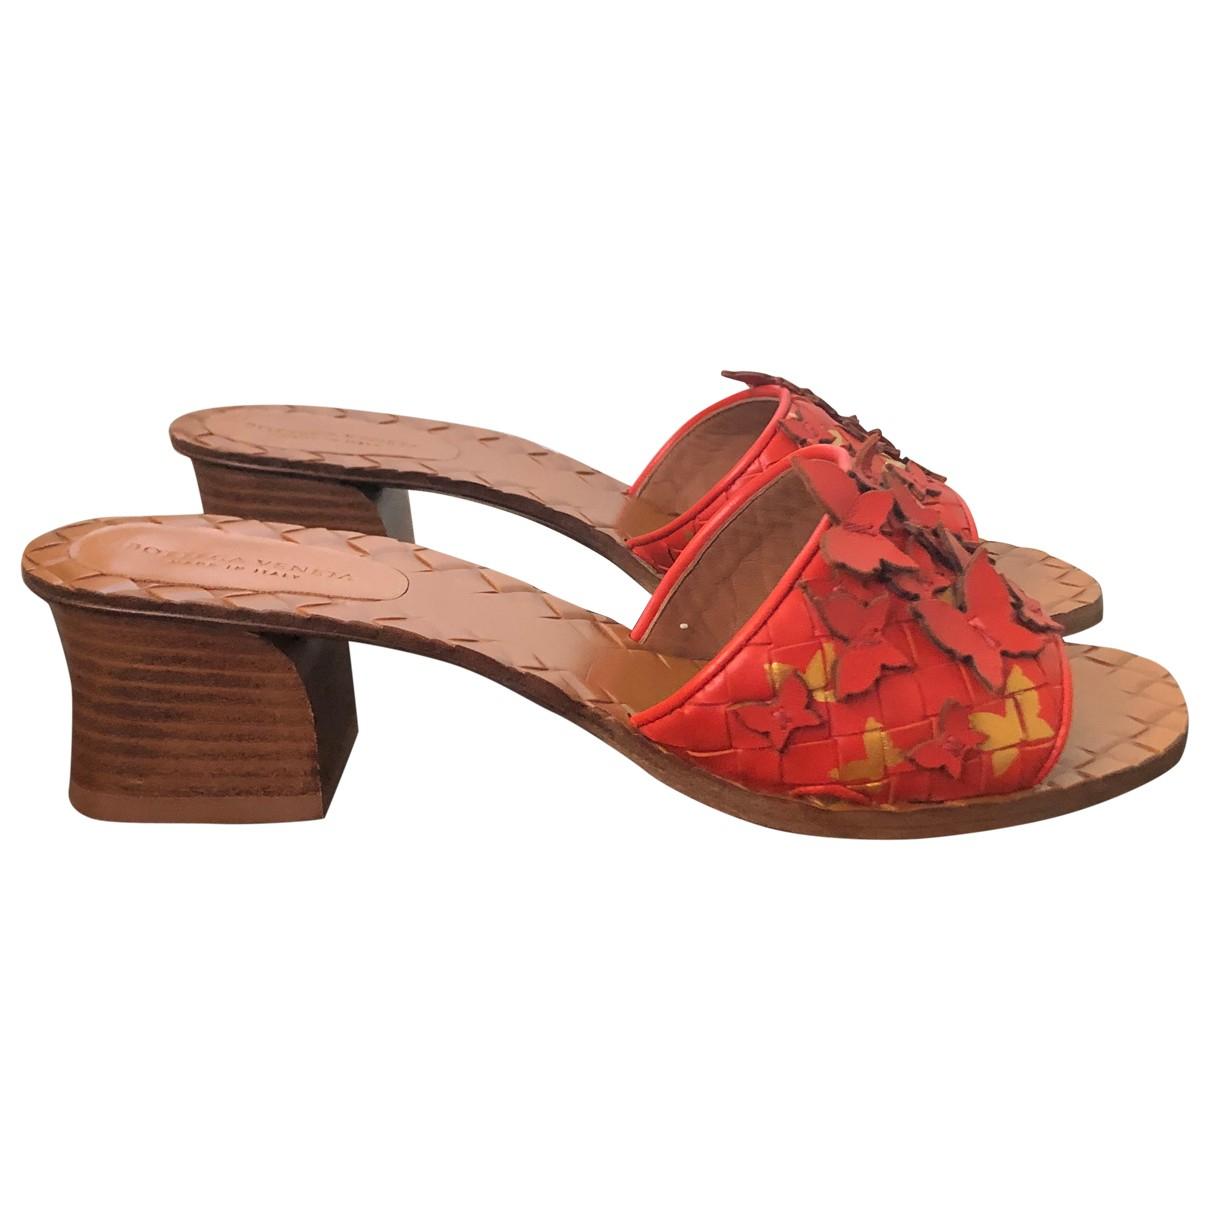 Bottega Veneta \N Orange Leather Sandals for Women 37 EU